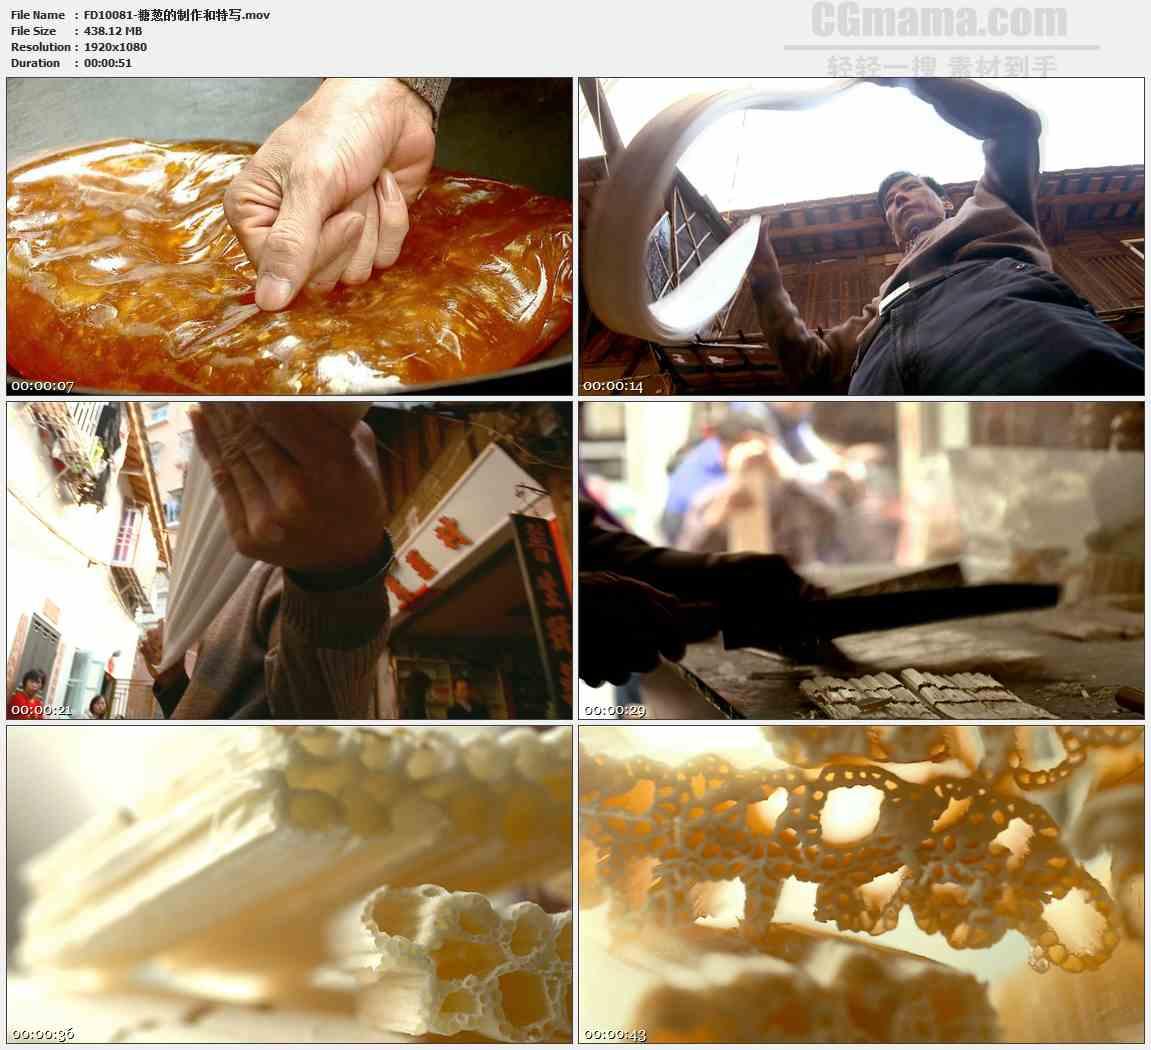 FD10081-制作糖葱熬糖稀拔糖特色小吃美食高清实拍视频素材